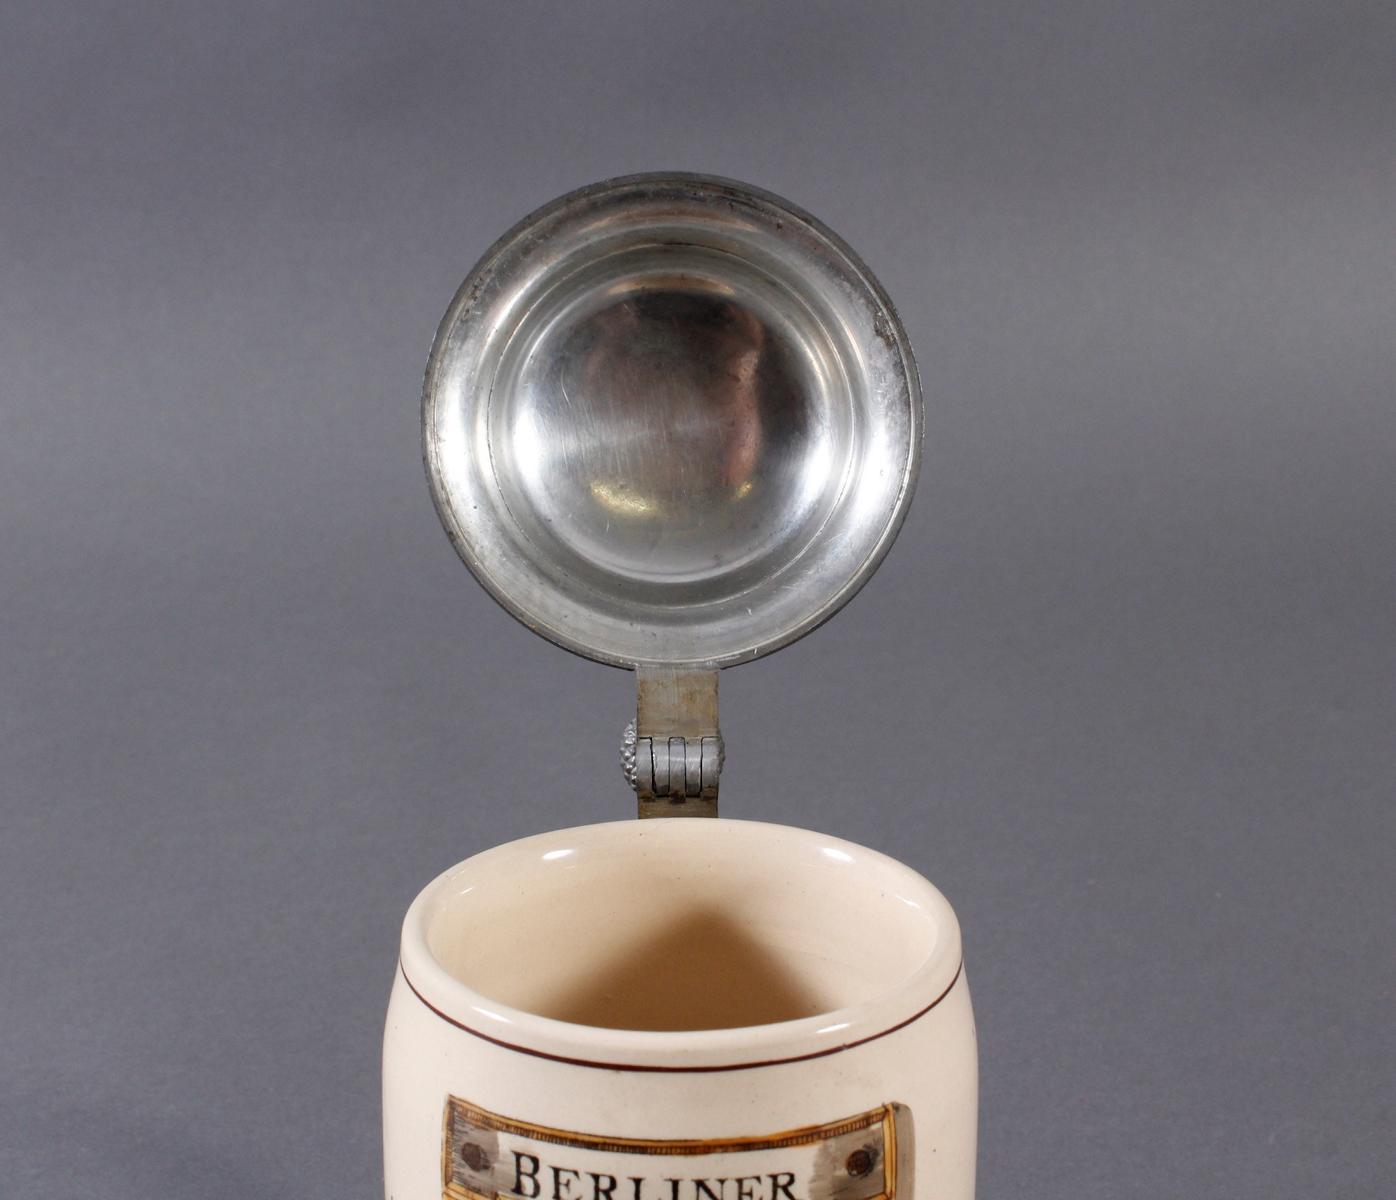 2 Keramikkrüge um 1900, Kegeln und Gewerbeausstellung-14